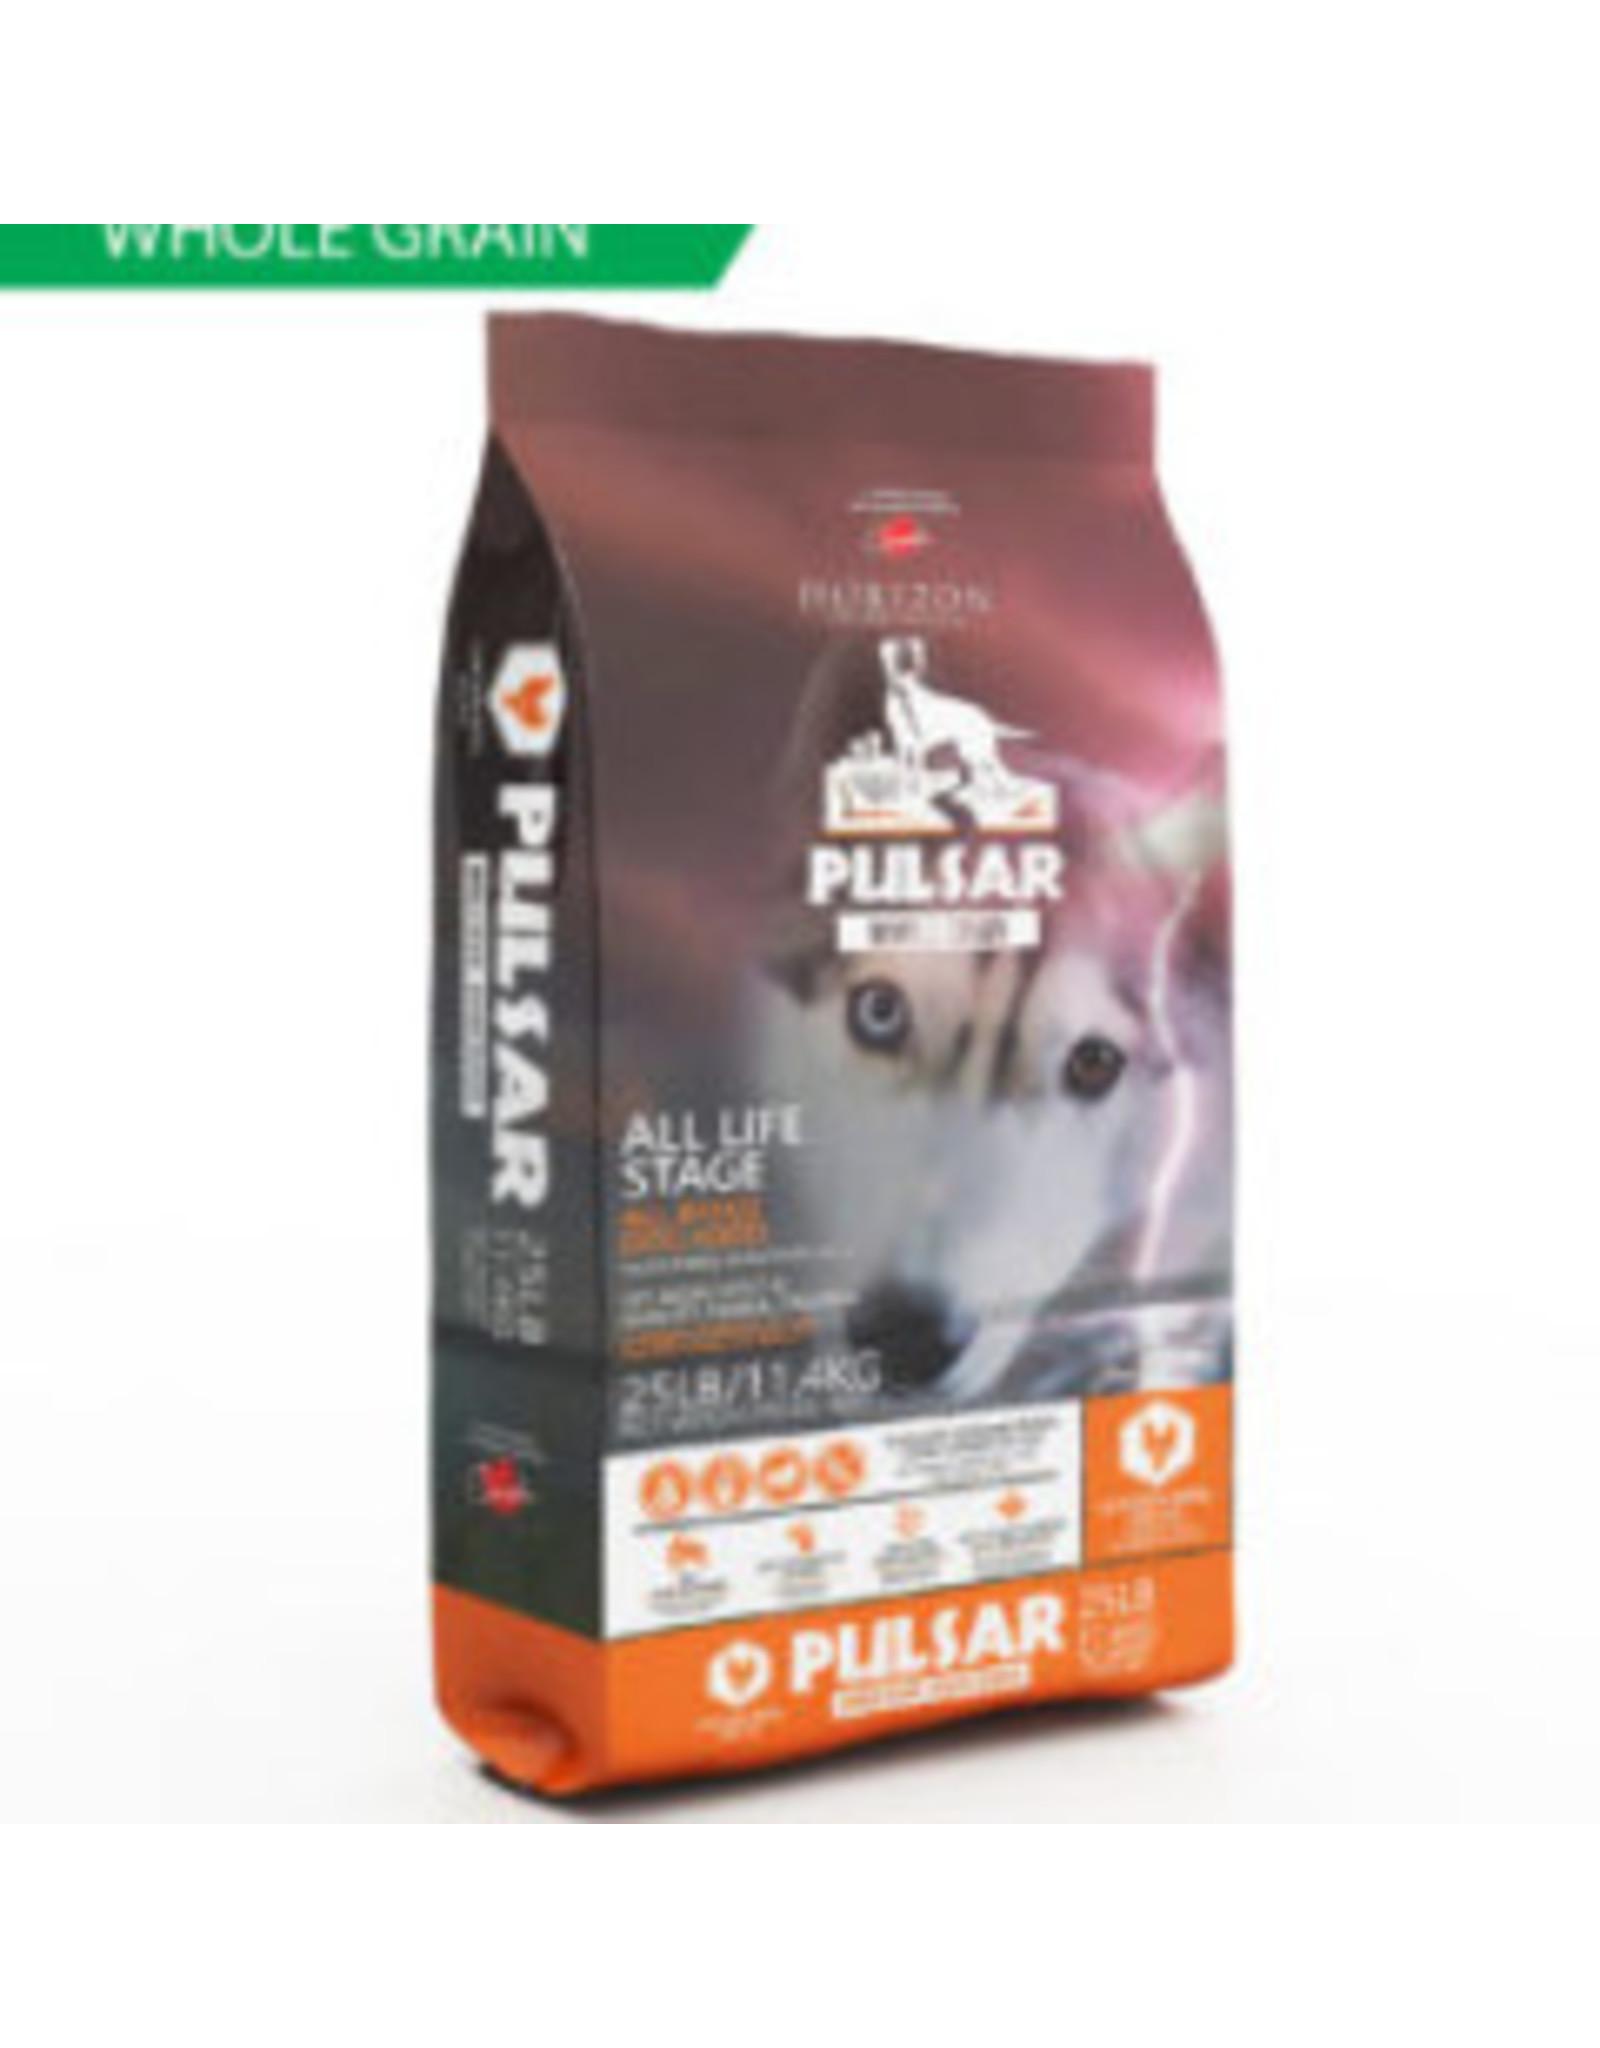 Horizon Pulsar Dog Food Chicken With Grains 11.4 kg